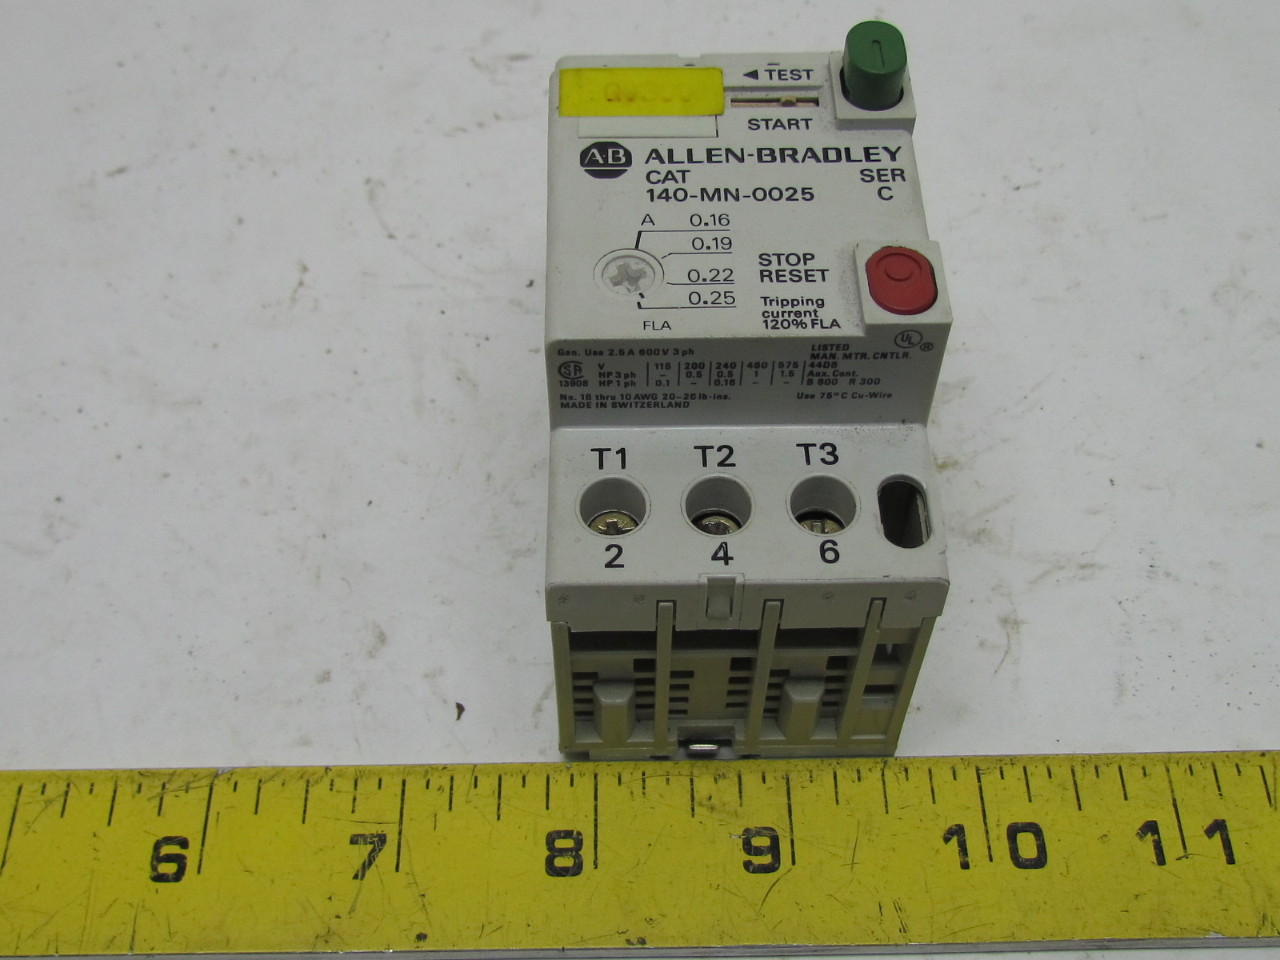 A B Allen Bradley 140 Mn 0025 Manual Motor Starter